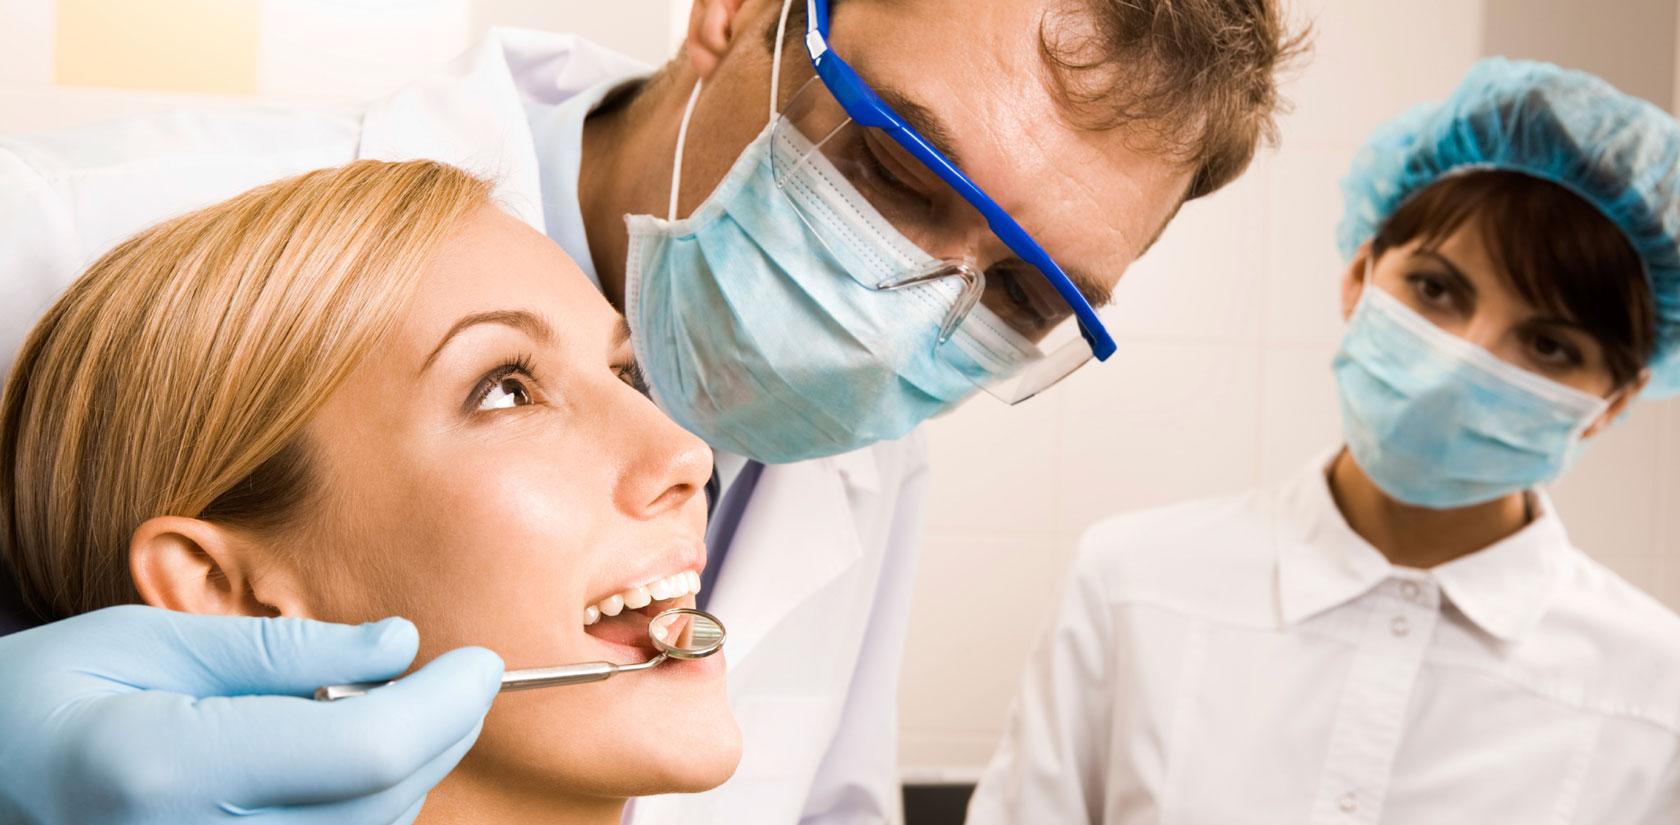 Έχετε προβλήματα με τα δόντια σας; Όλες οι απαντήσεις